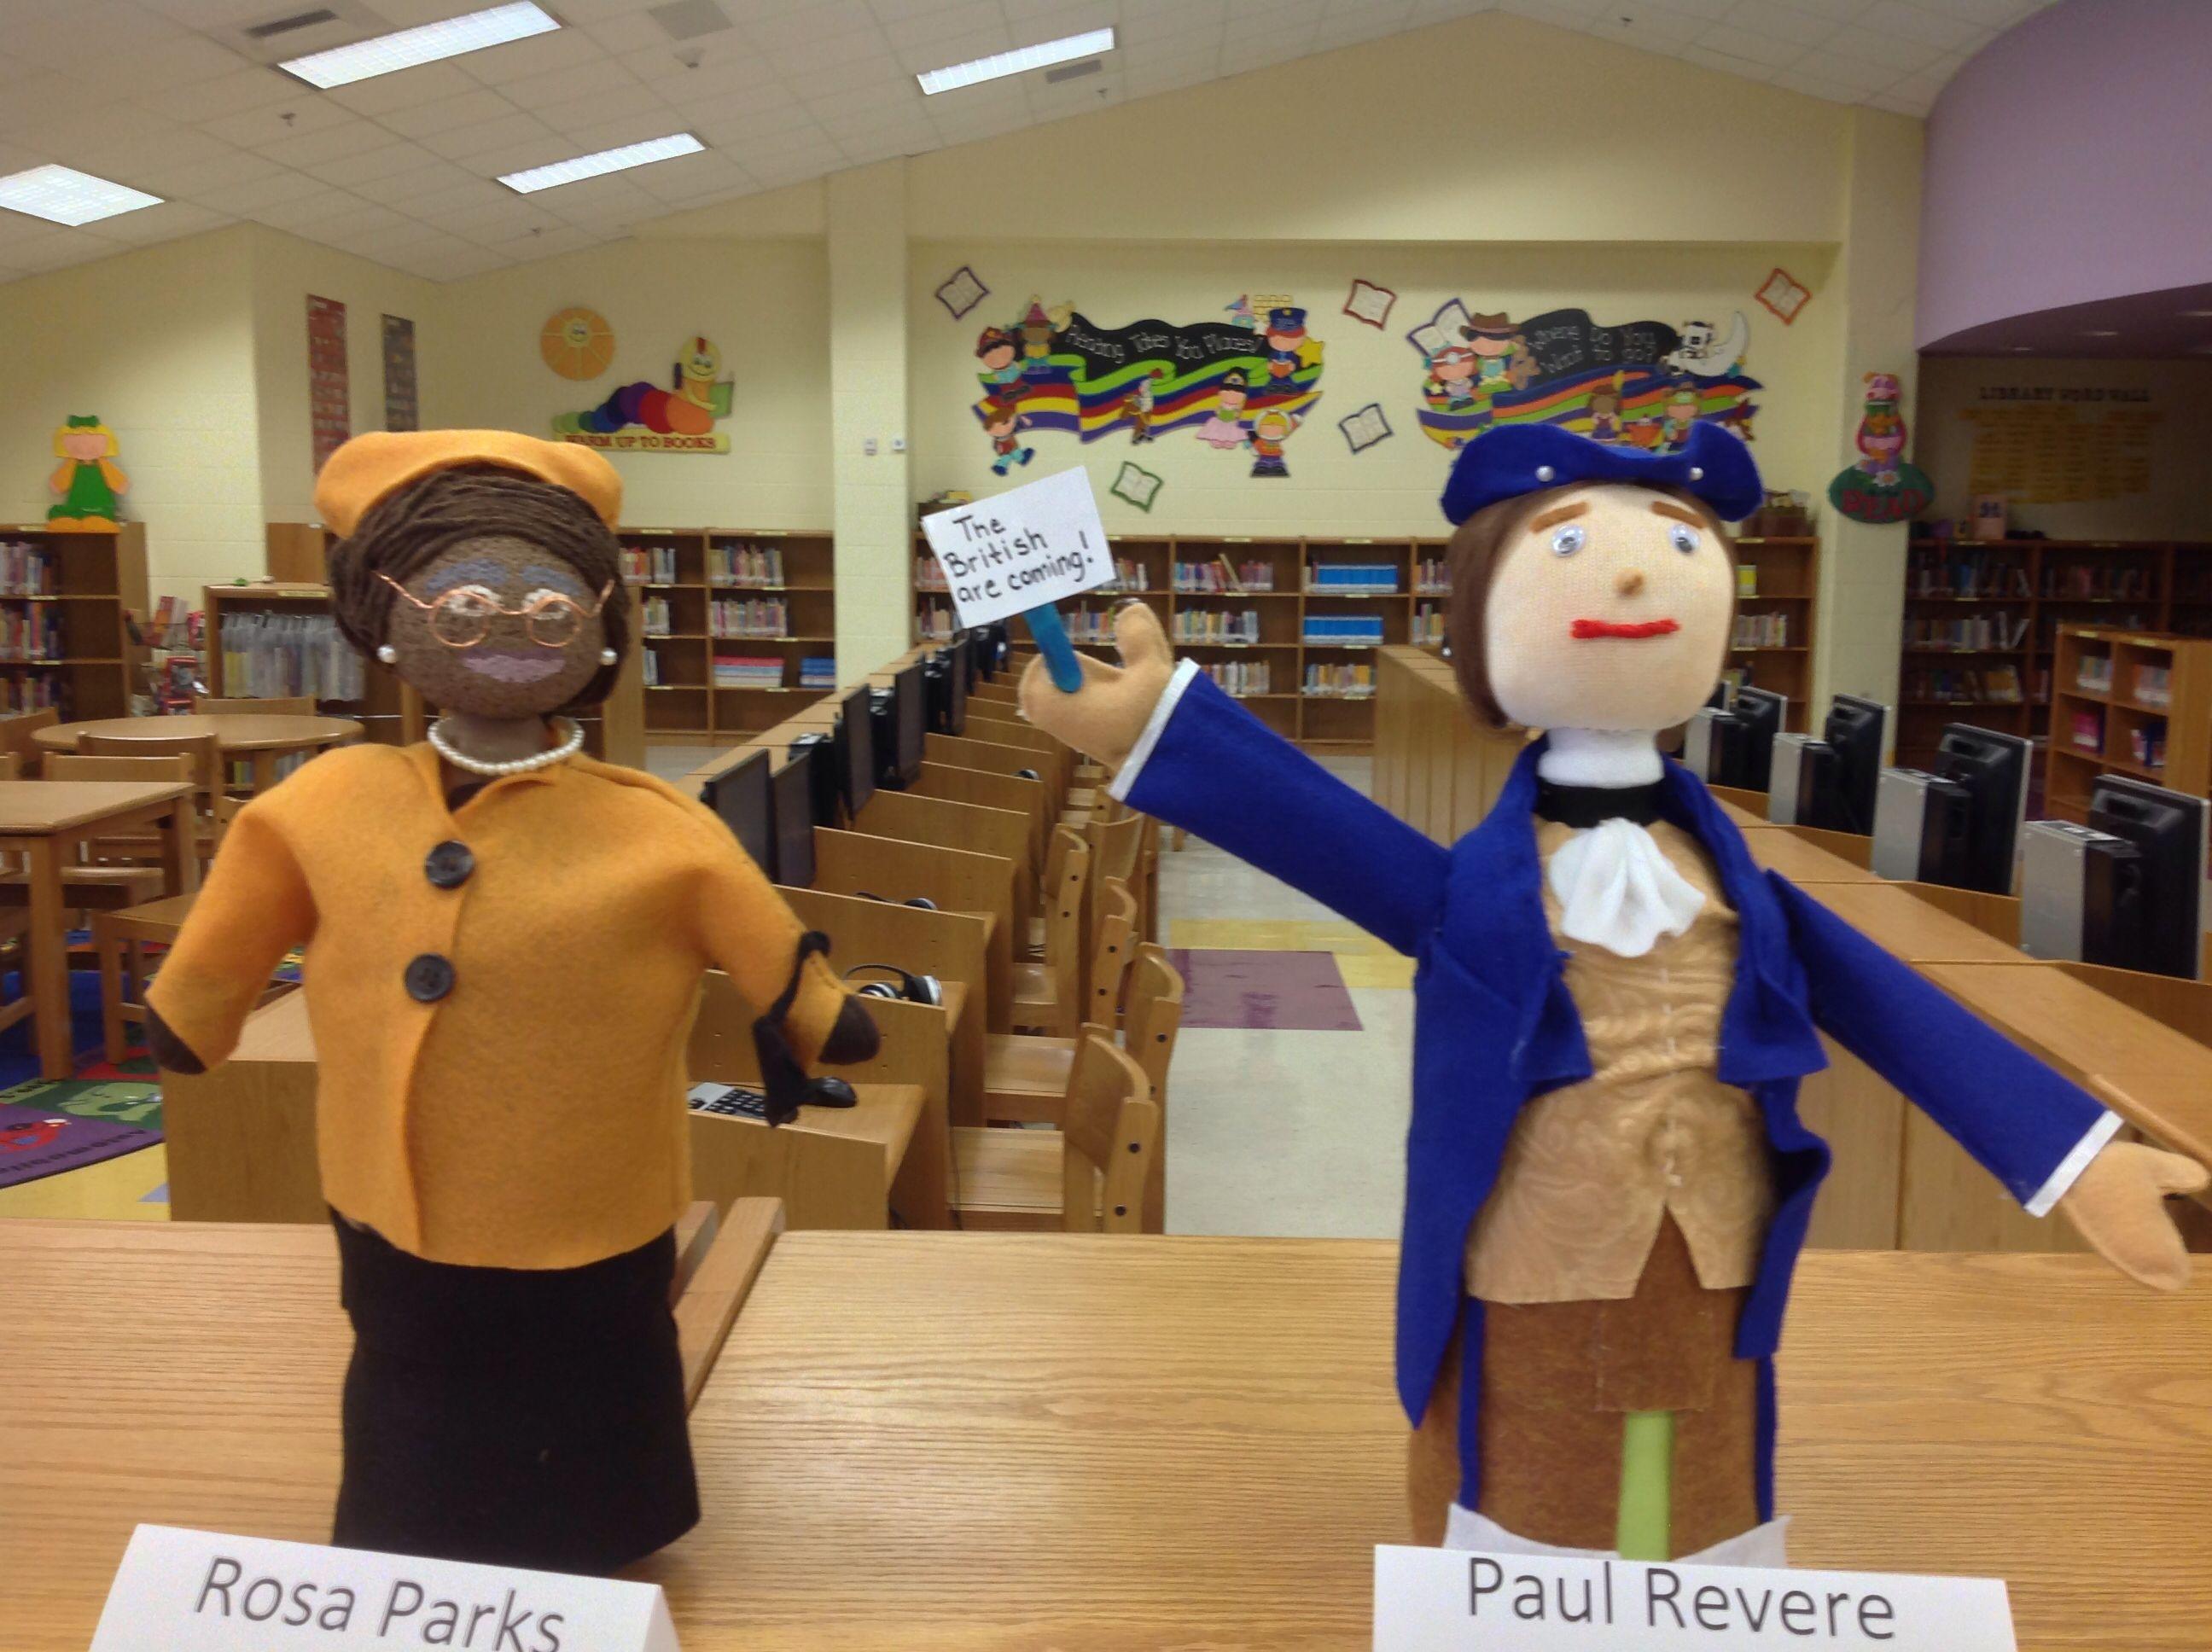 Rosa Parks Amp Paul Revere